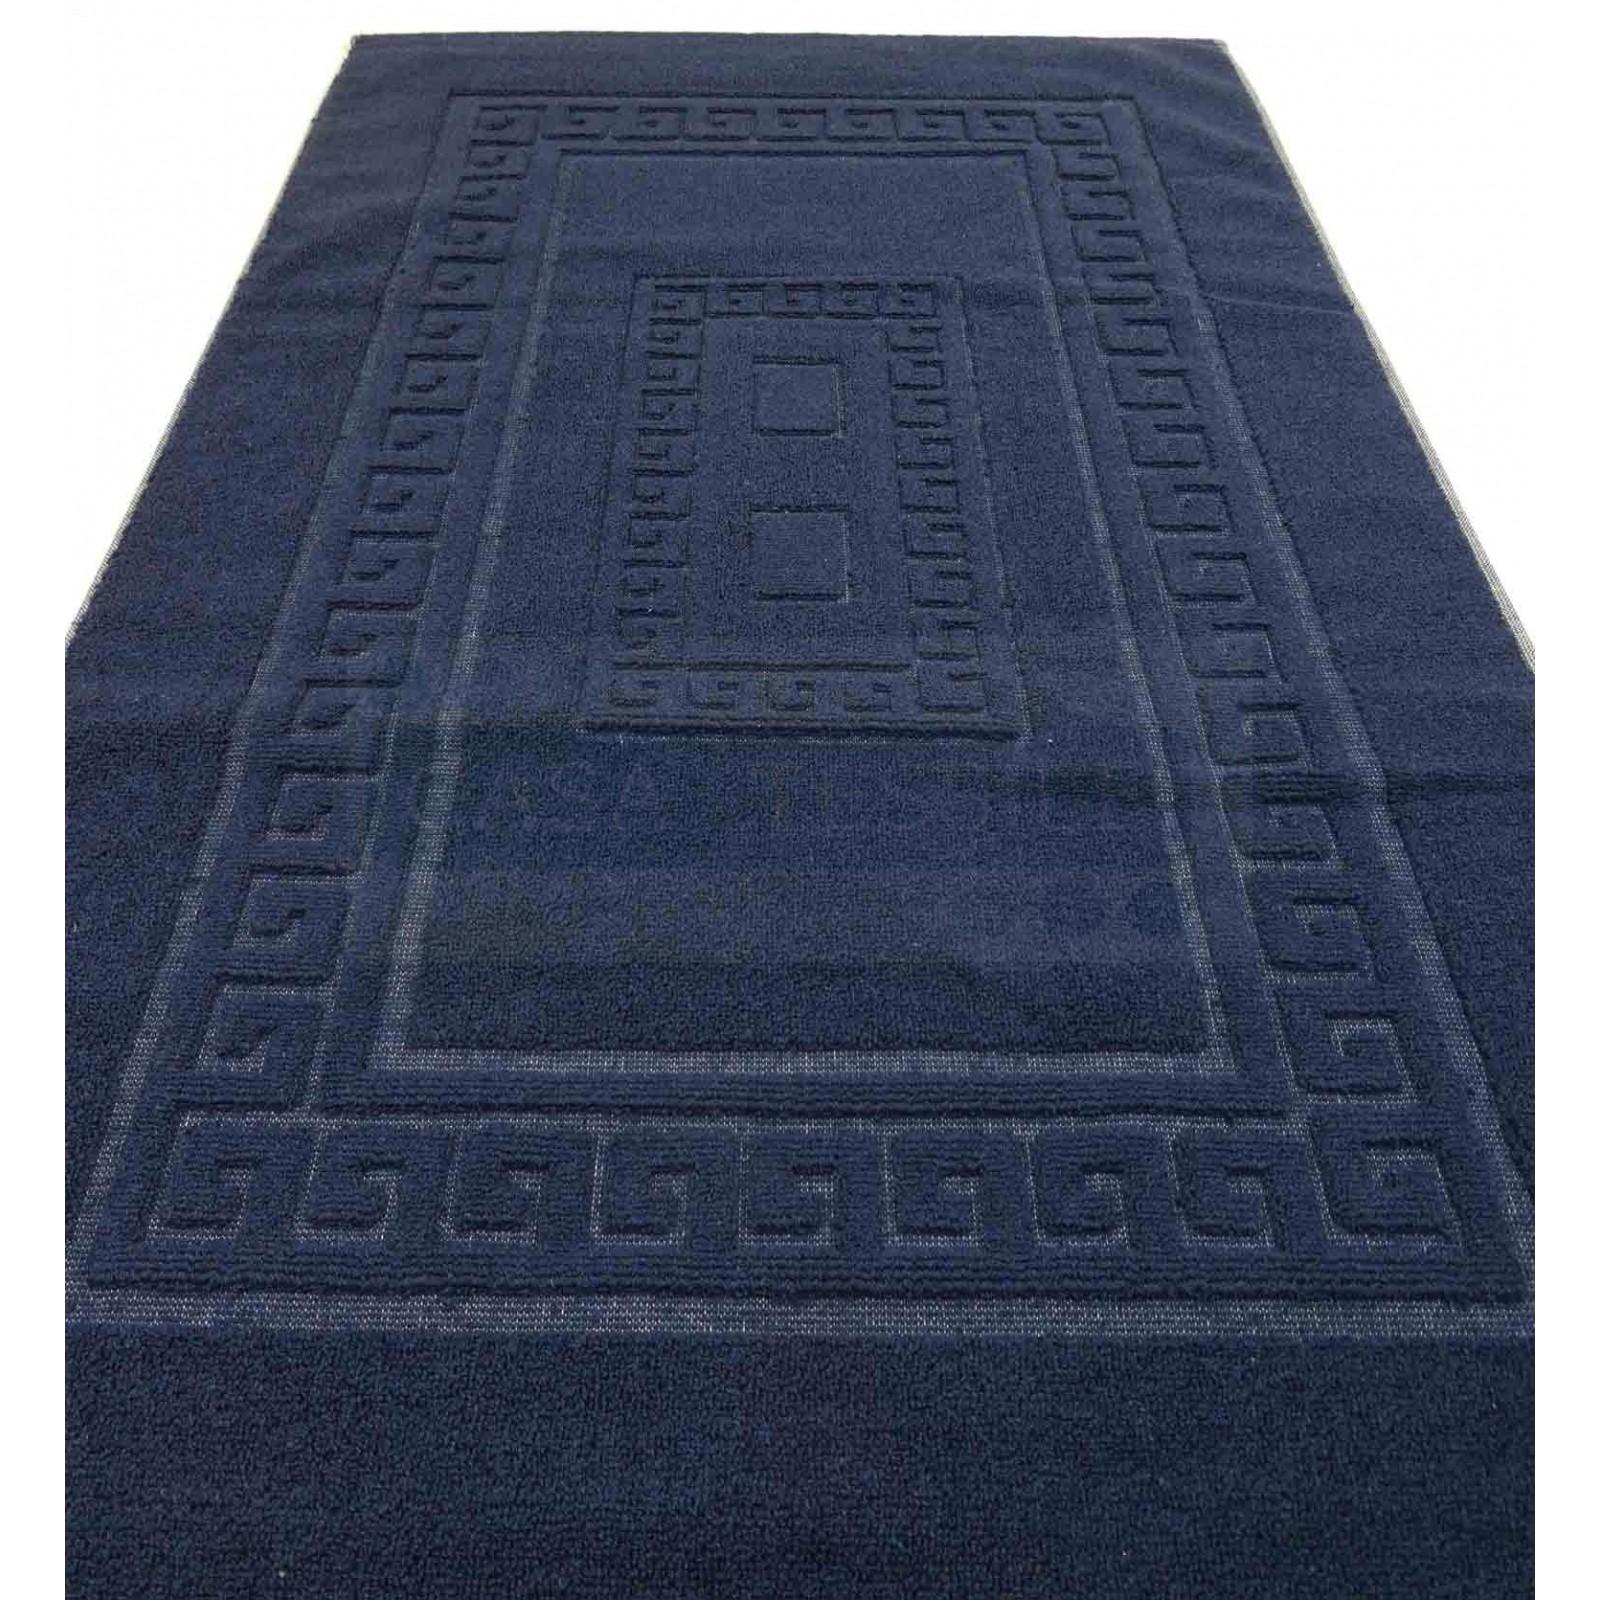 Tappeti Bagno Su Misura Torino dettagli su tappeto e set da bagno in spugna con rete antiscivolo torino